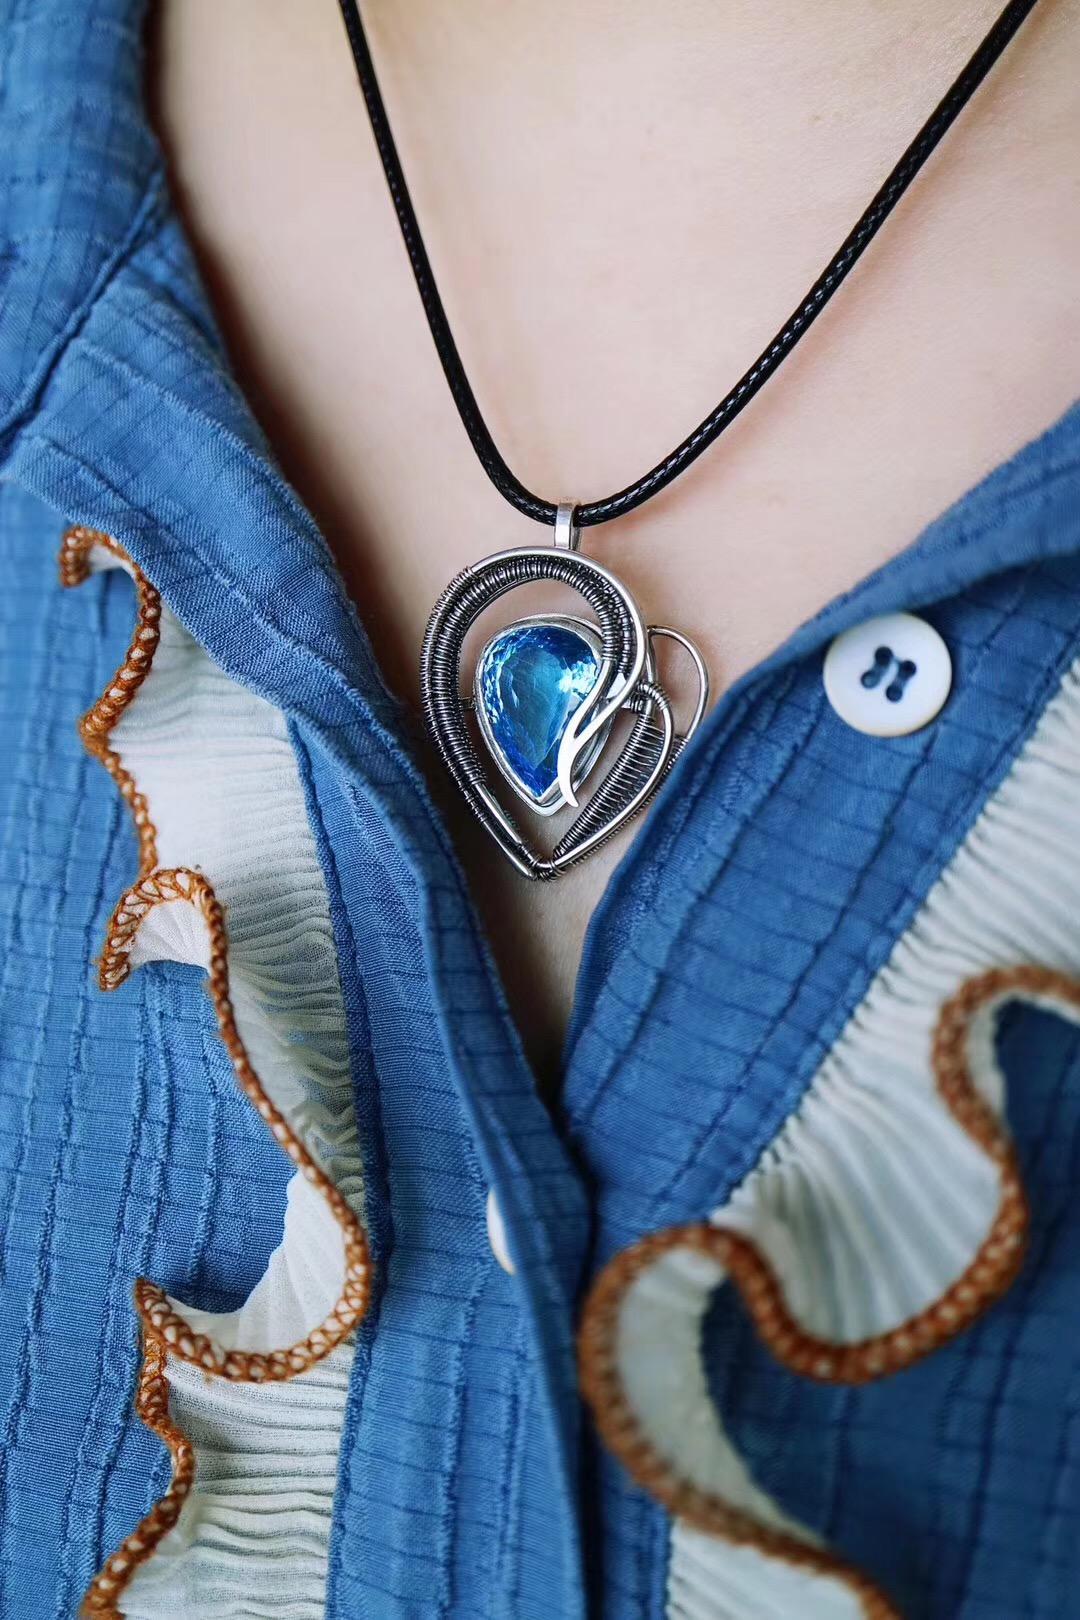 【托帕石&蓝色之恋】是什么时候喜欢上你的呢-菩心晶舍